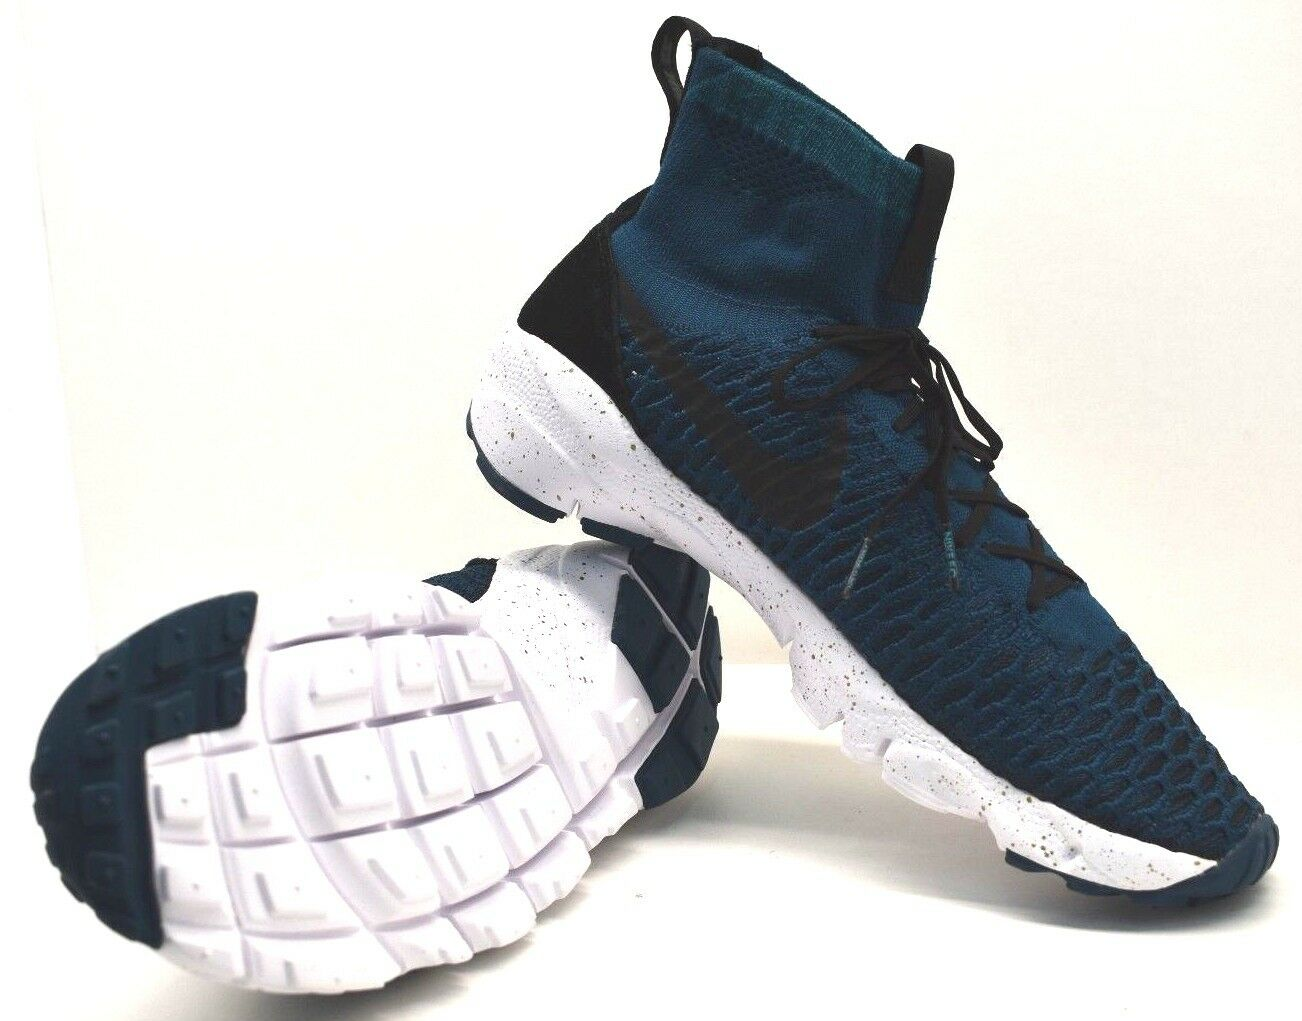 Nike air footscarpe magista fk fc mezzanotte turq blk noi sz la libera navigazione nuovi